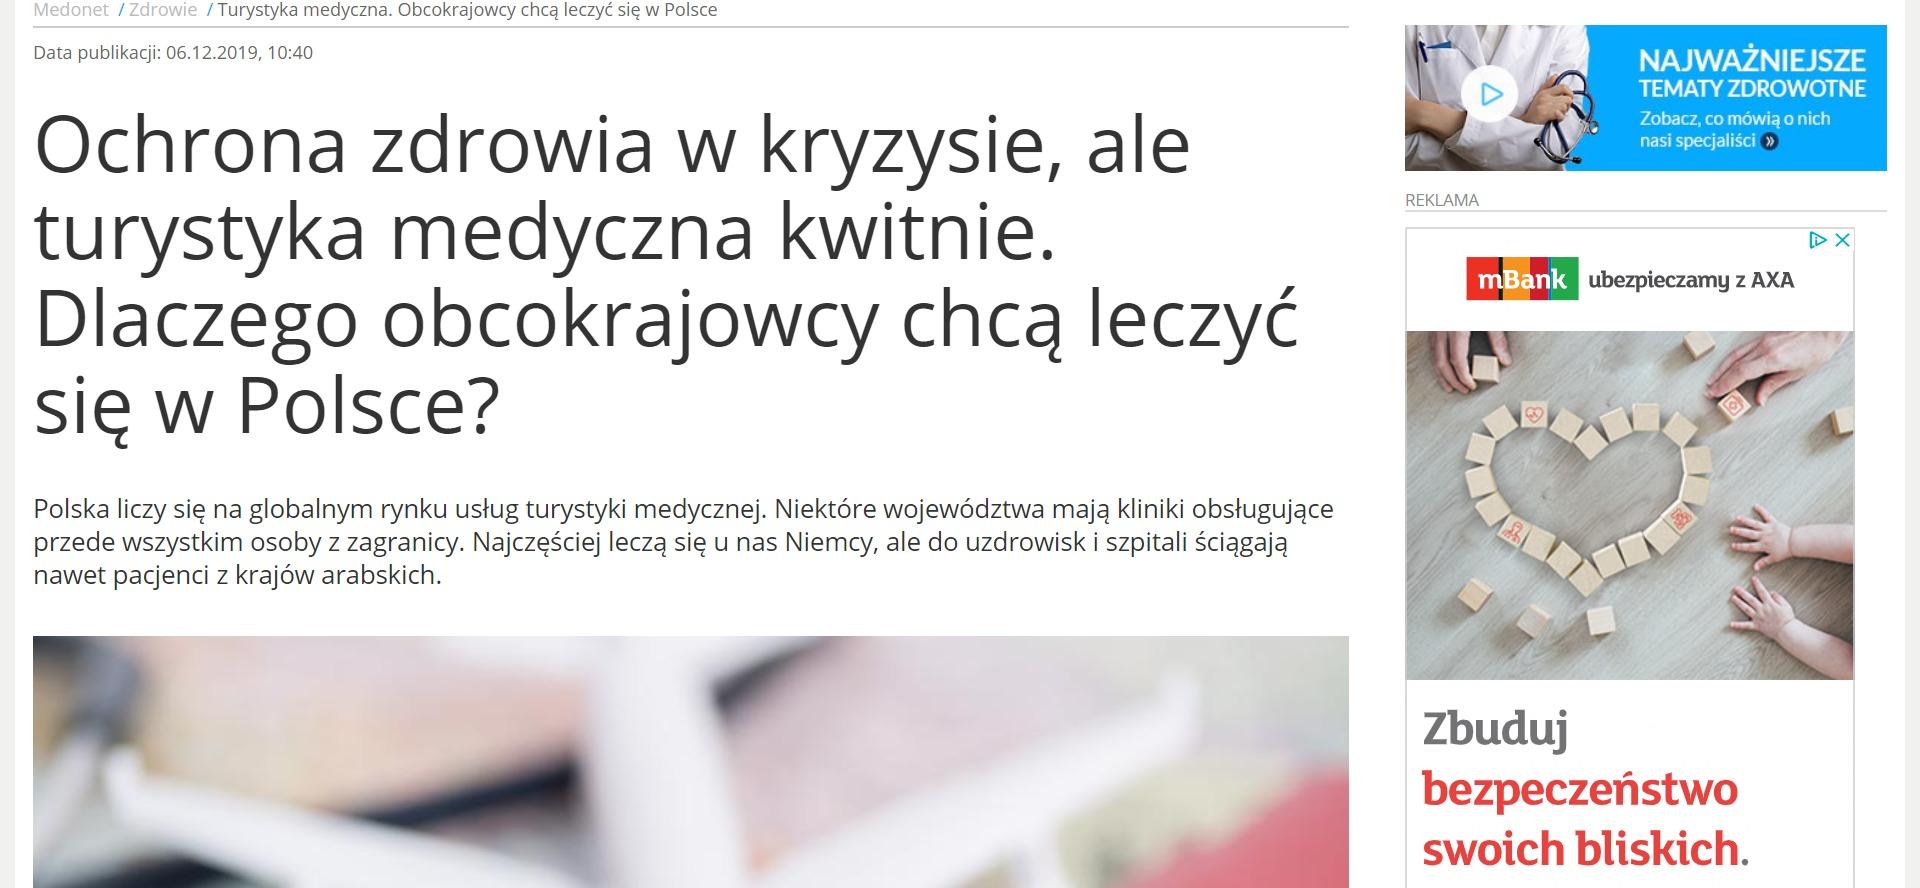 Ochrona zdrowia w kryzysie, ale turystyka medyczna kwitnie. Dlaczego obcokrajowcy chcą leczyć się w Polsce?